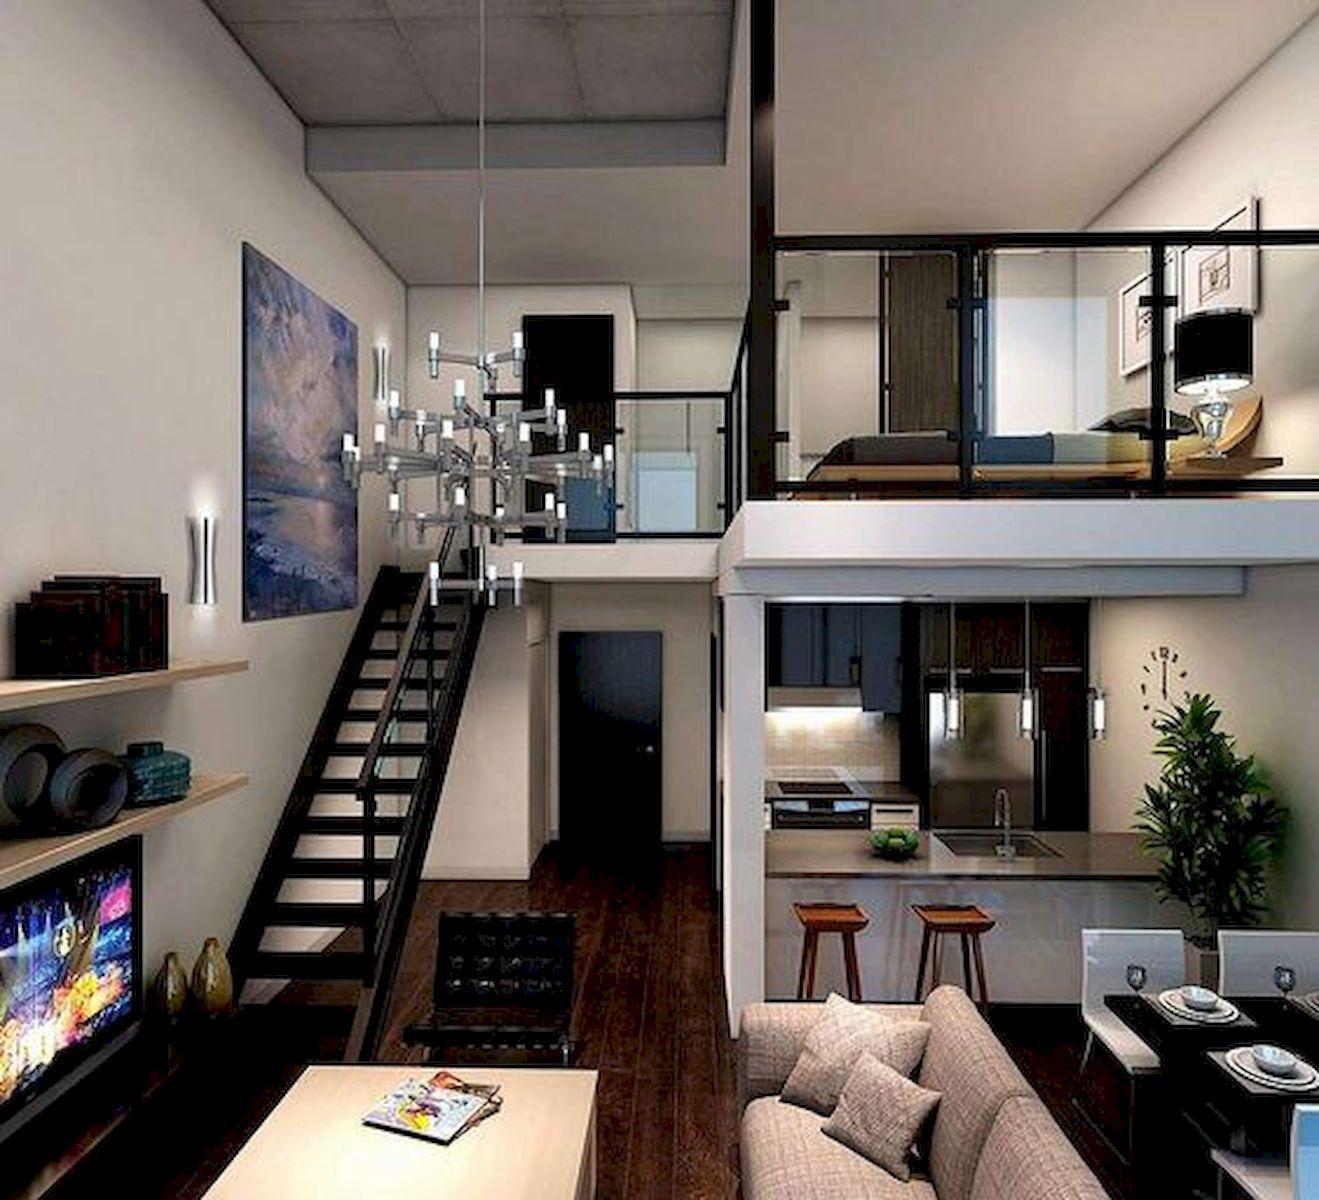 rustic studio apartment decor ideas also interior design living room books rh pinterest